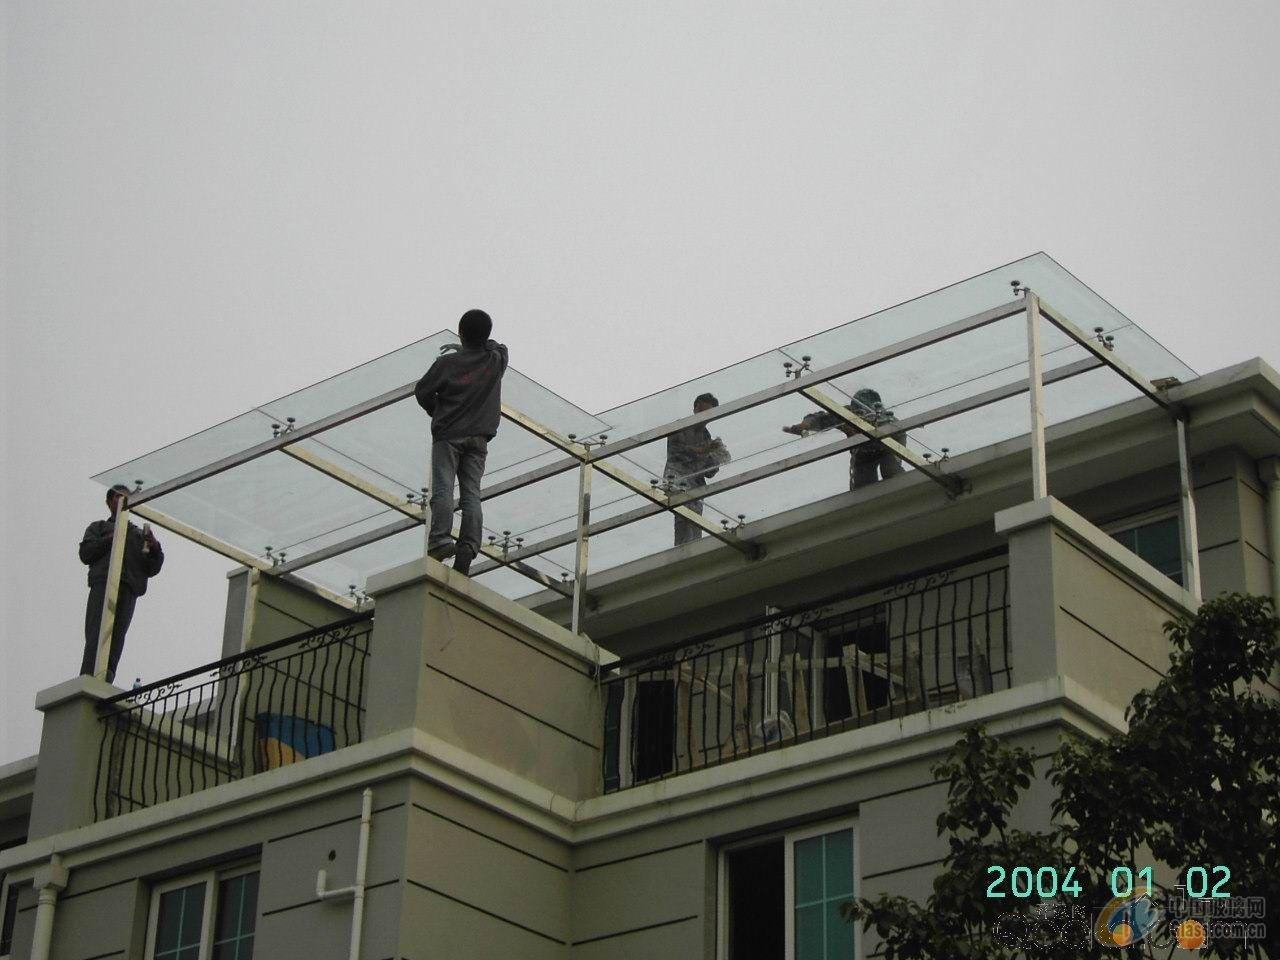 楼顶彩钢房效果图_钢结构阳光房效果图 _网络排行榜